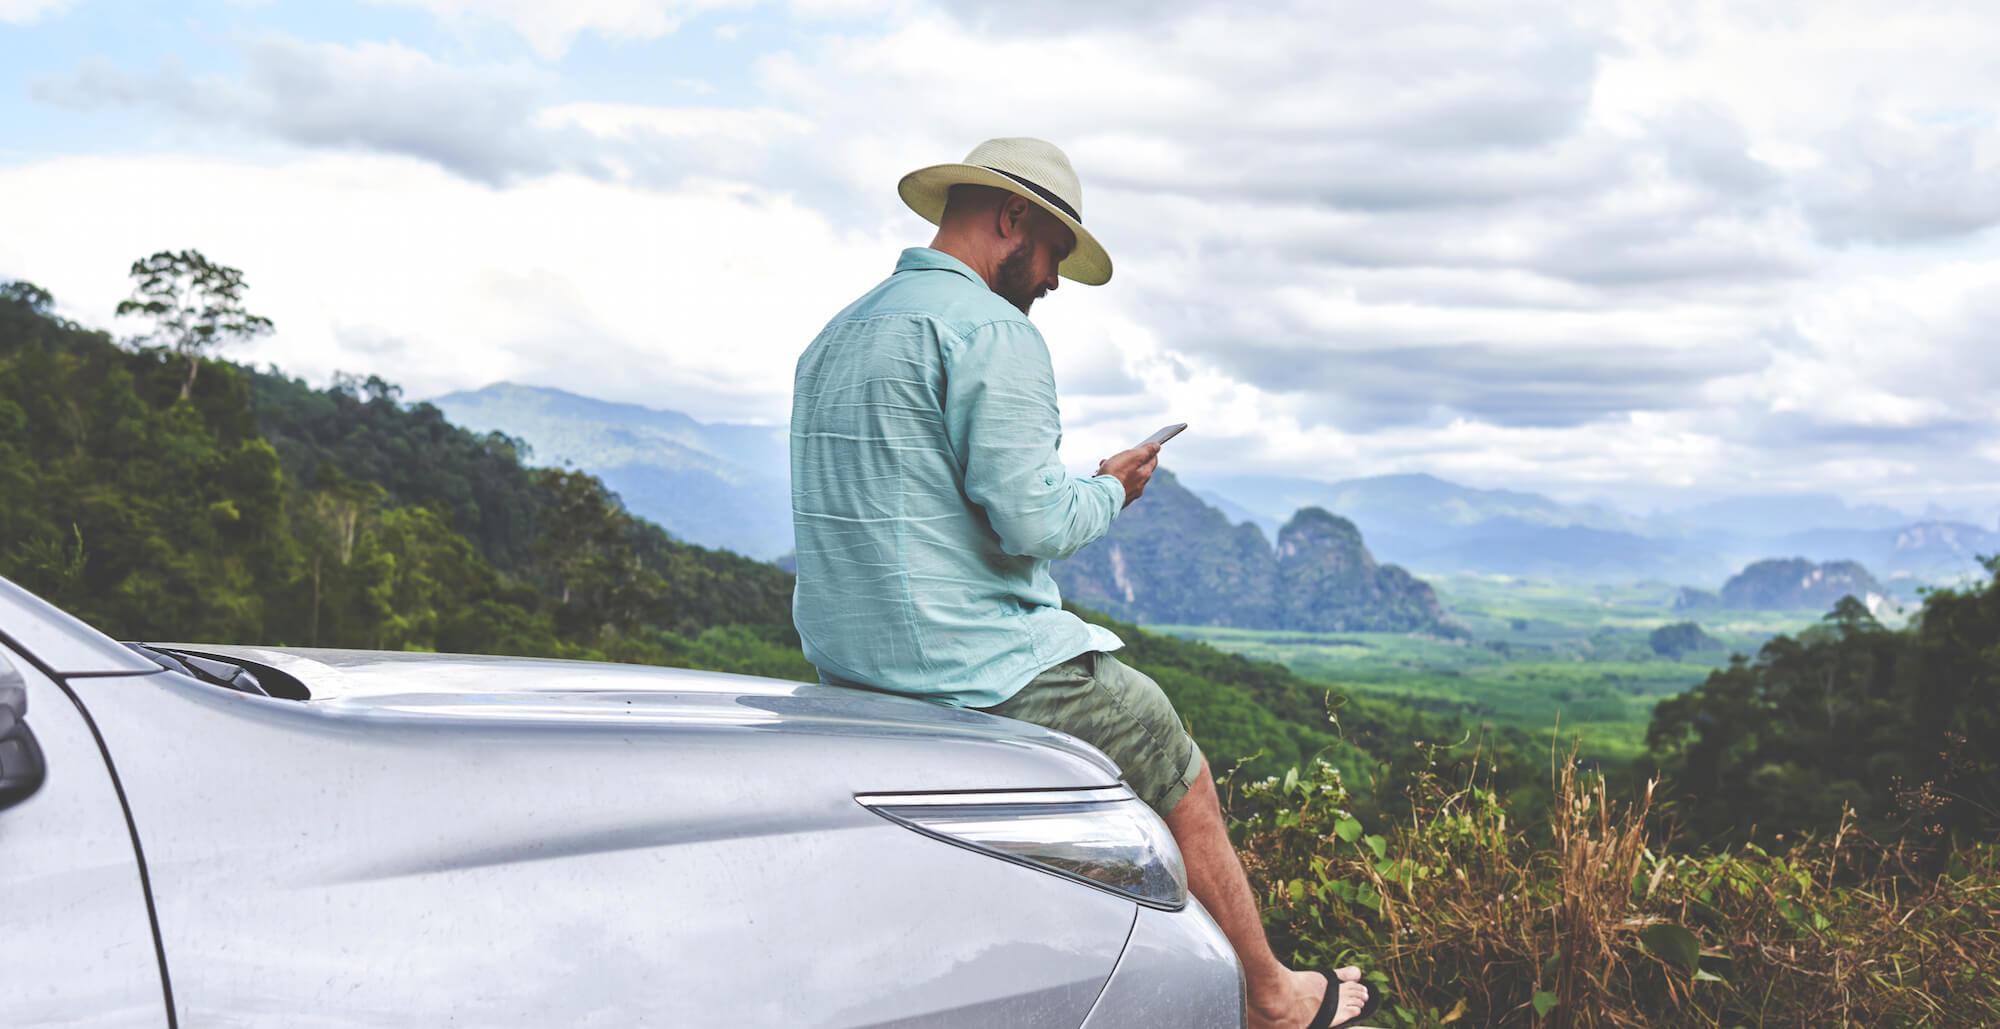 man making phone call on car hood